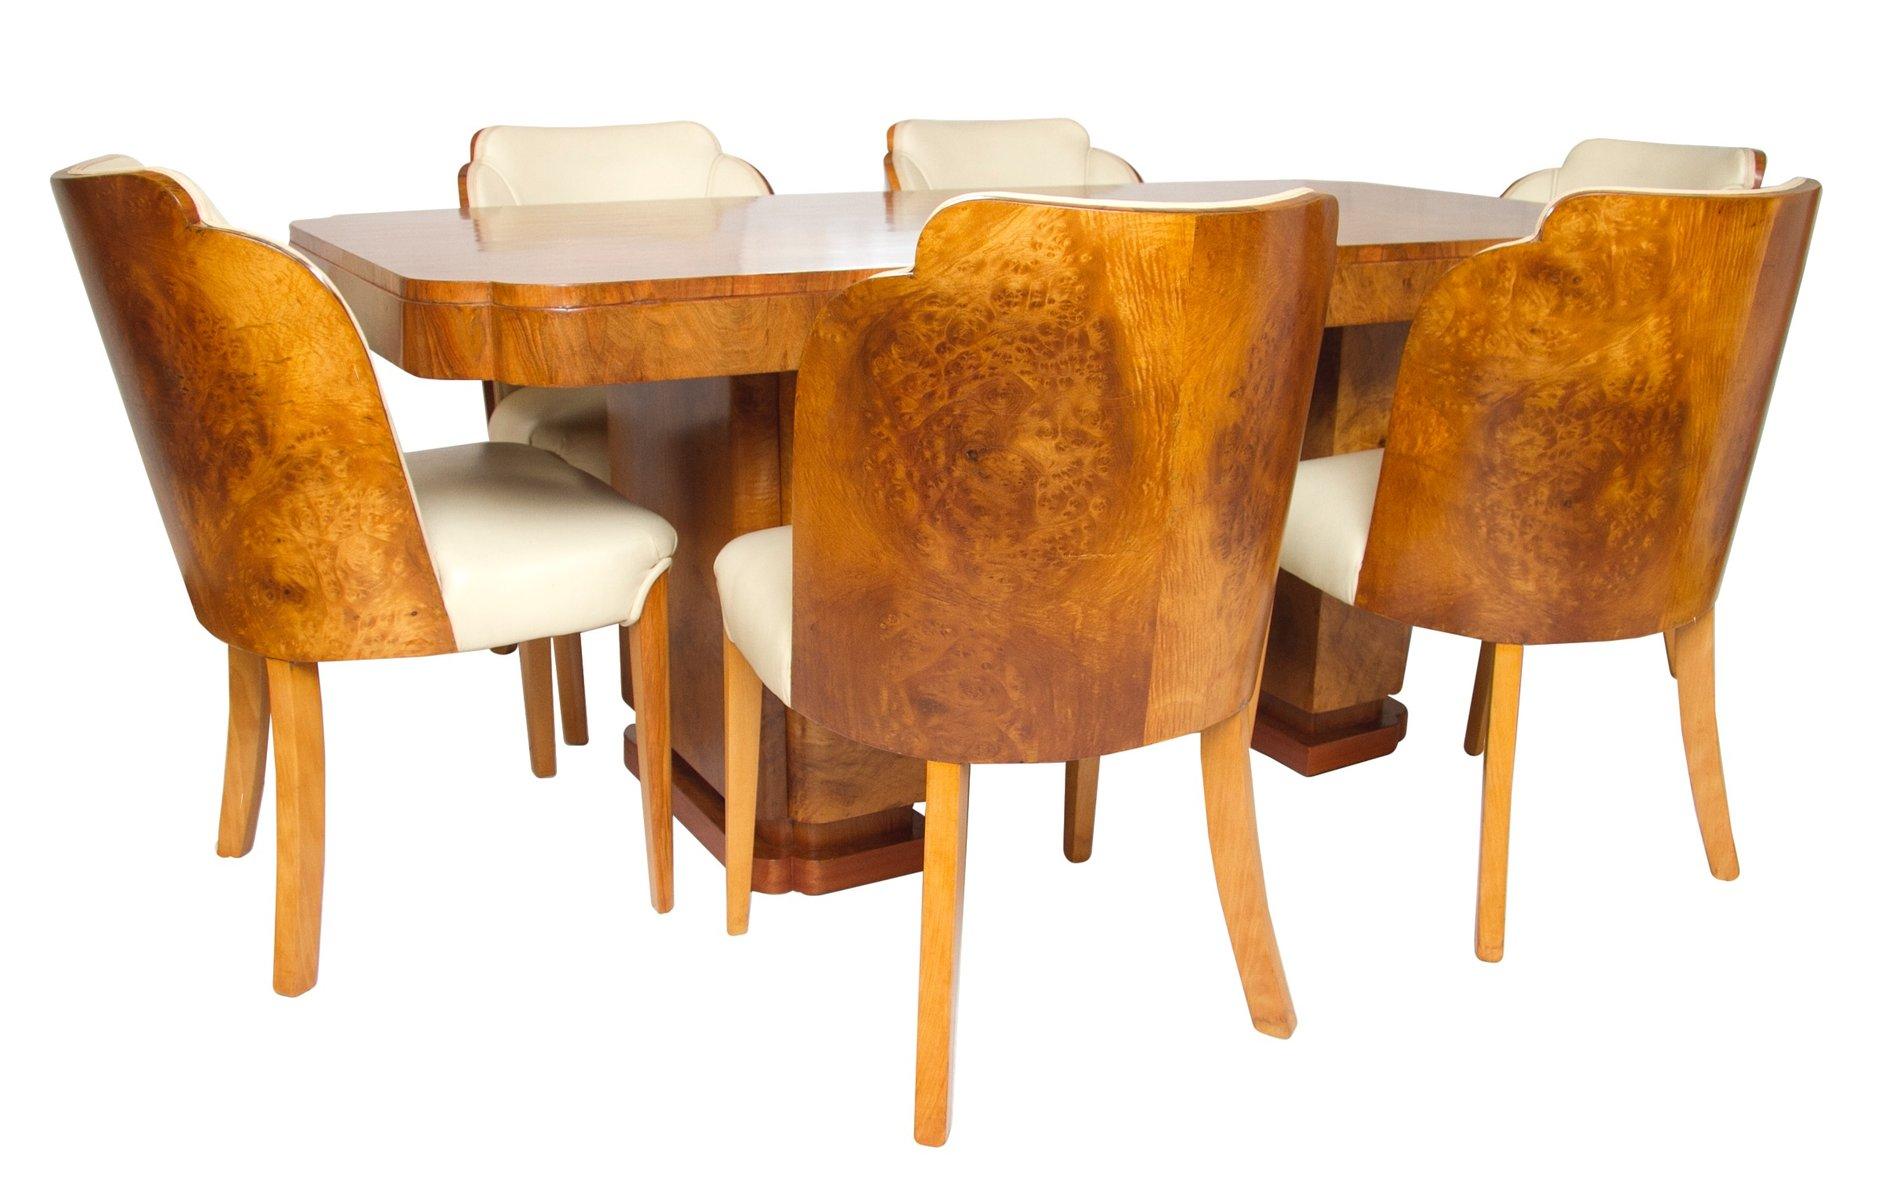 Table de salle manger et chaises art d co nuage par for Salle a manger art deco